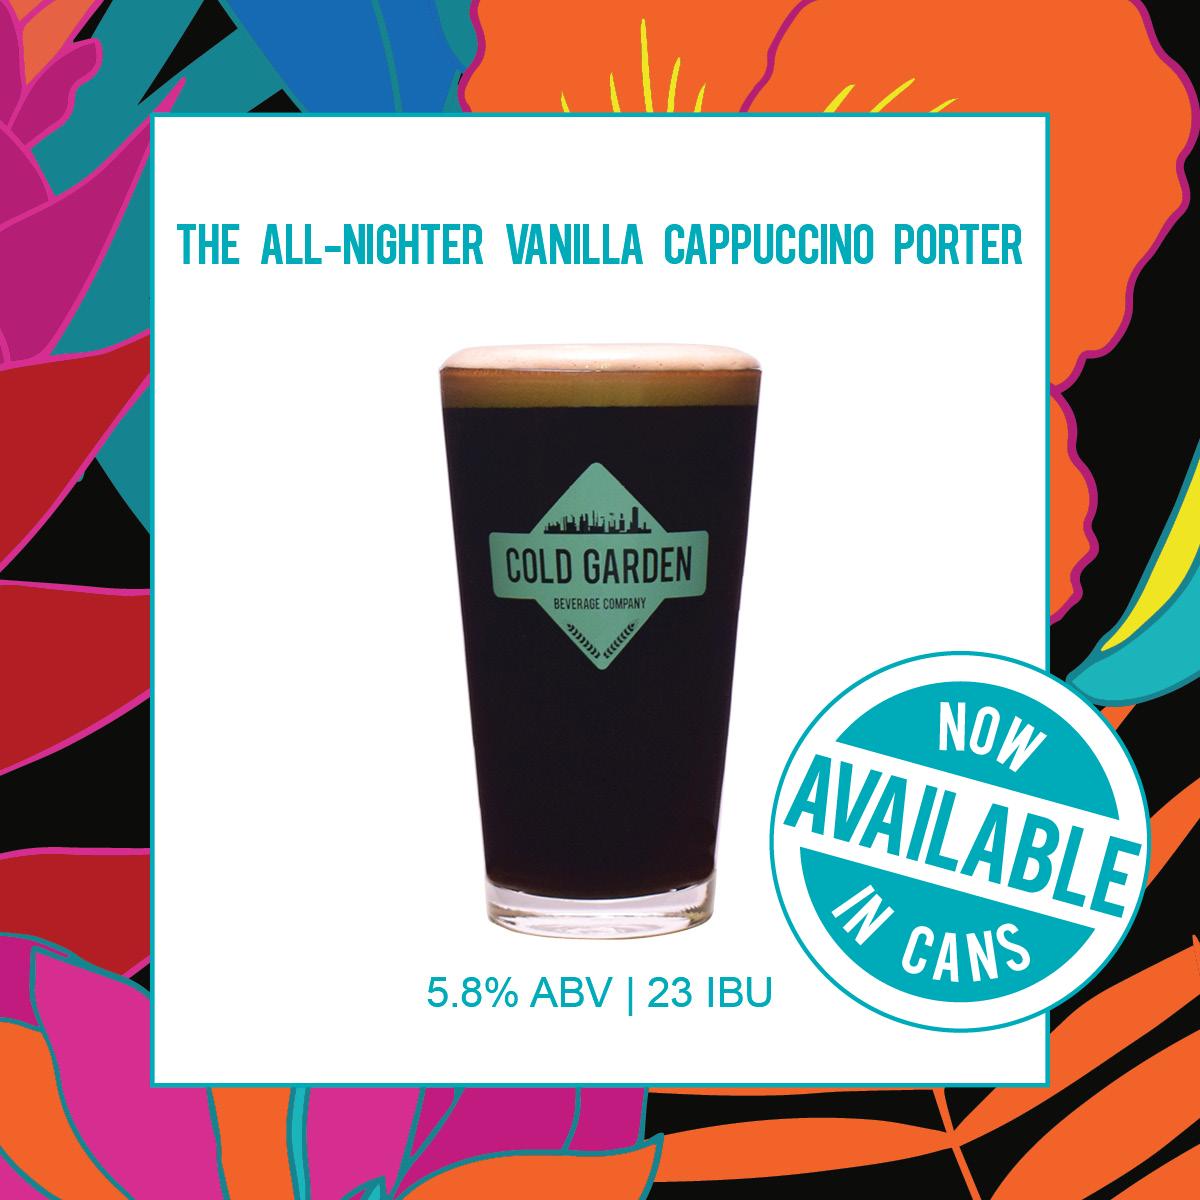 All Nighter Vanilla Cappuccino Porter  Cold Garden Beverage Company